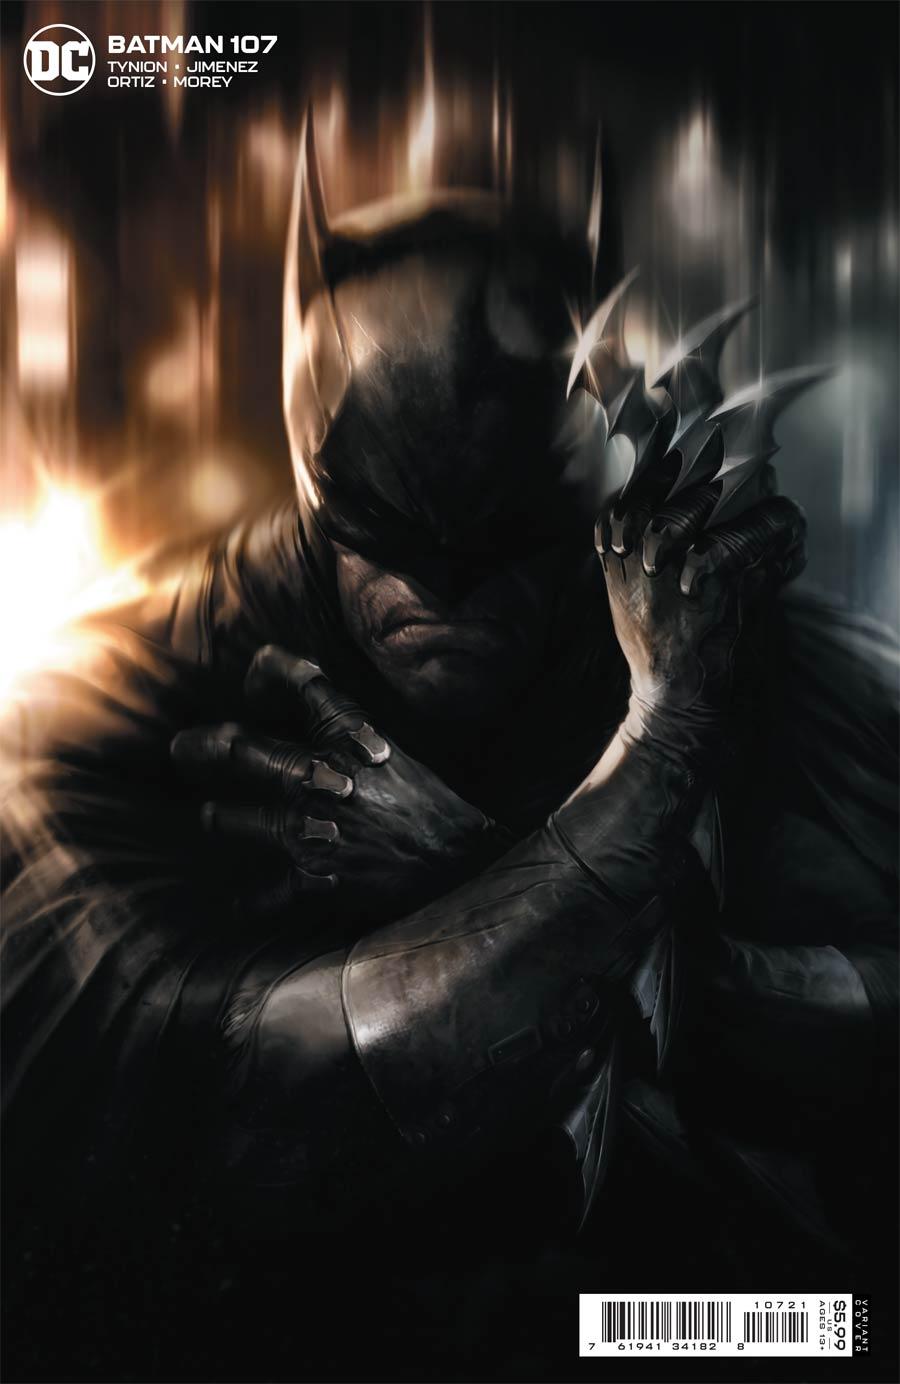 Batman Vol 3 #107 Cover B Variant Francesco Mattina Card Stock Cover